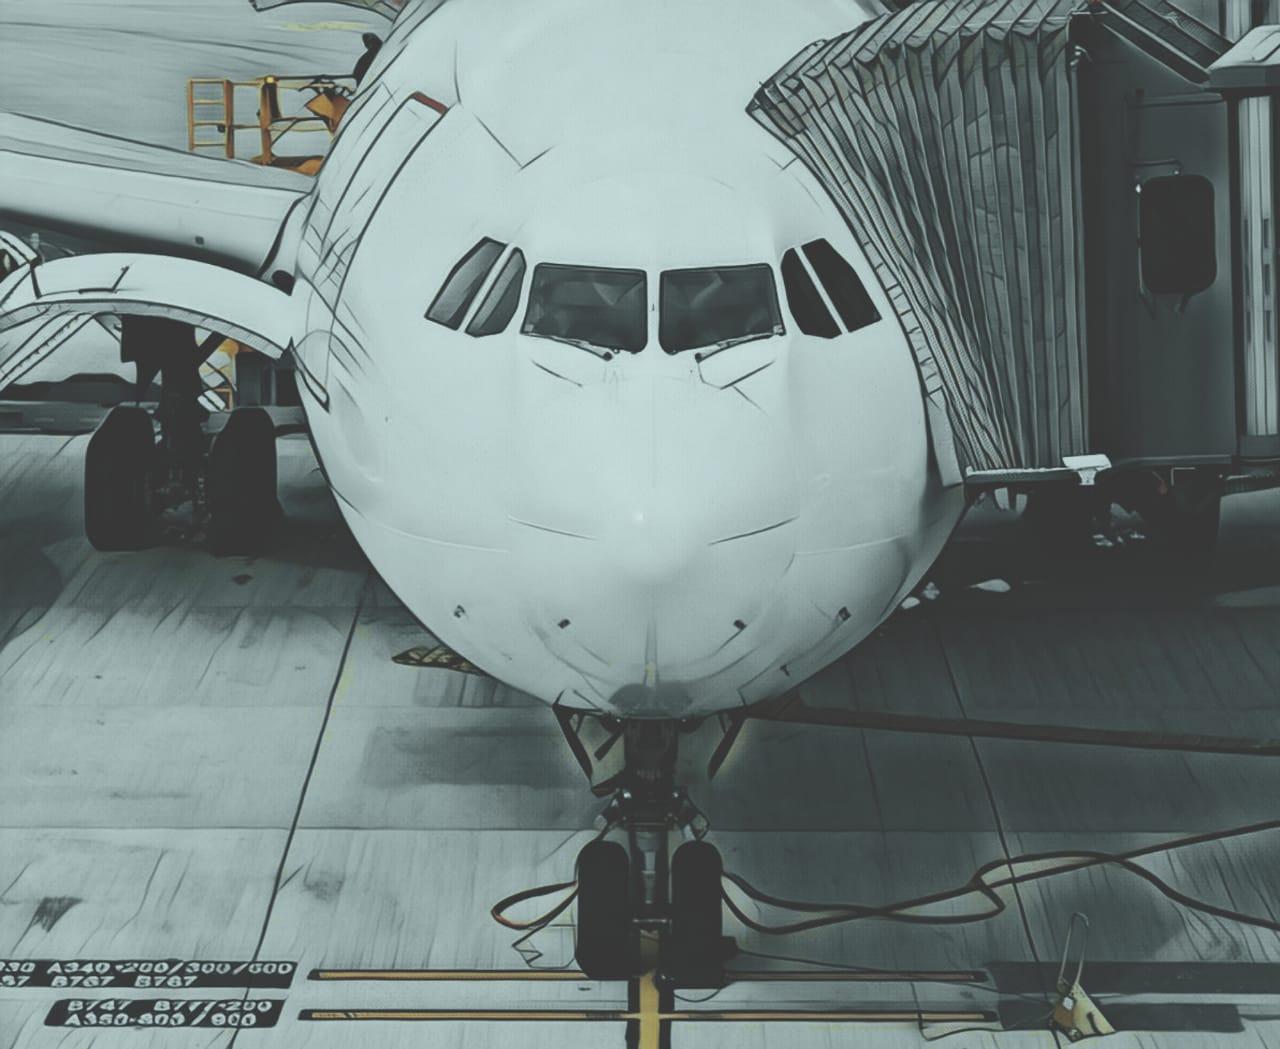 https: img.okezone.com content 2020 08 13 320 2261840 penumpang-pesawat-di-bandara-ini-melonjak-188-a0afi9FFk6.jpeg